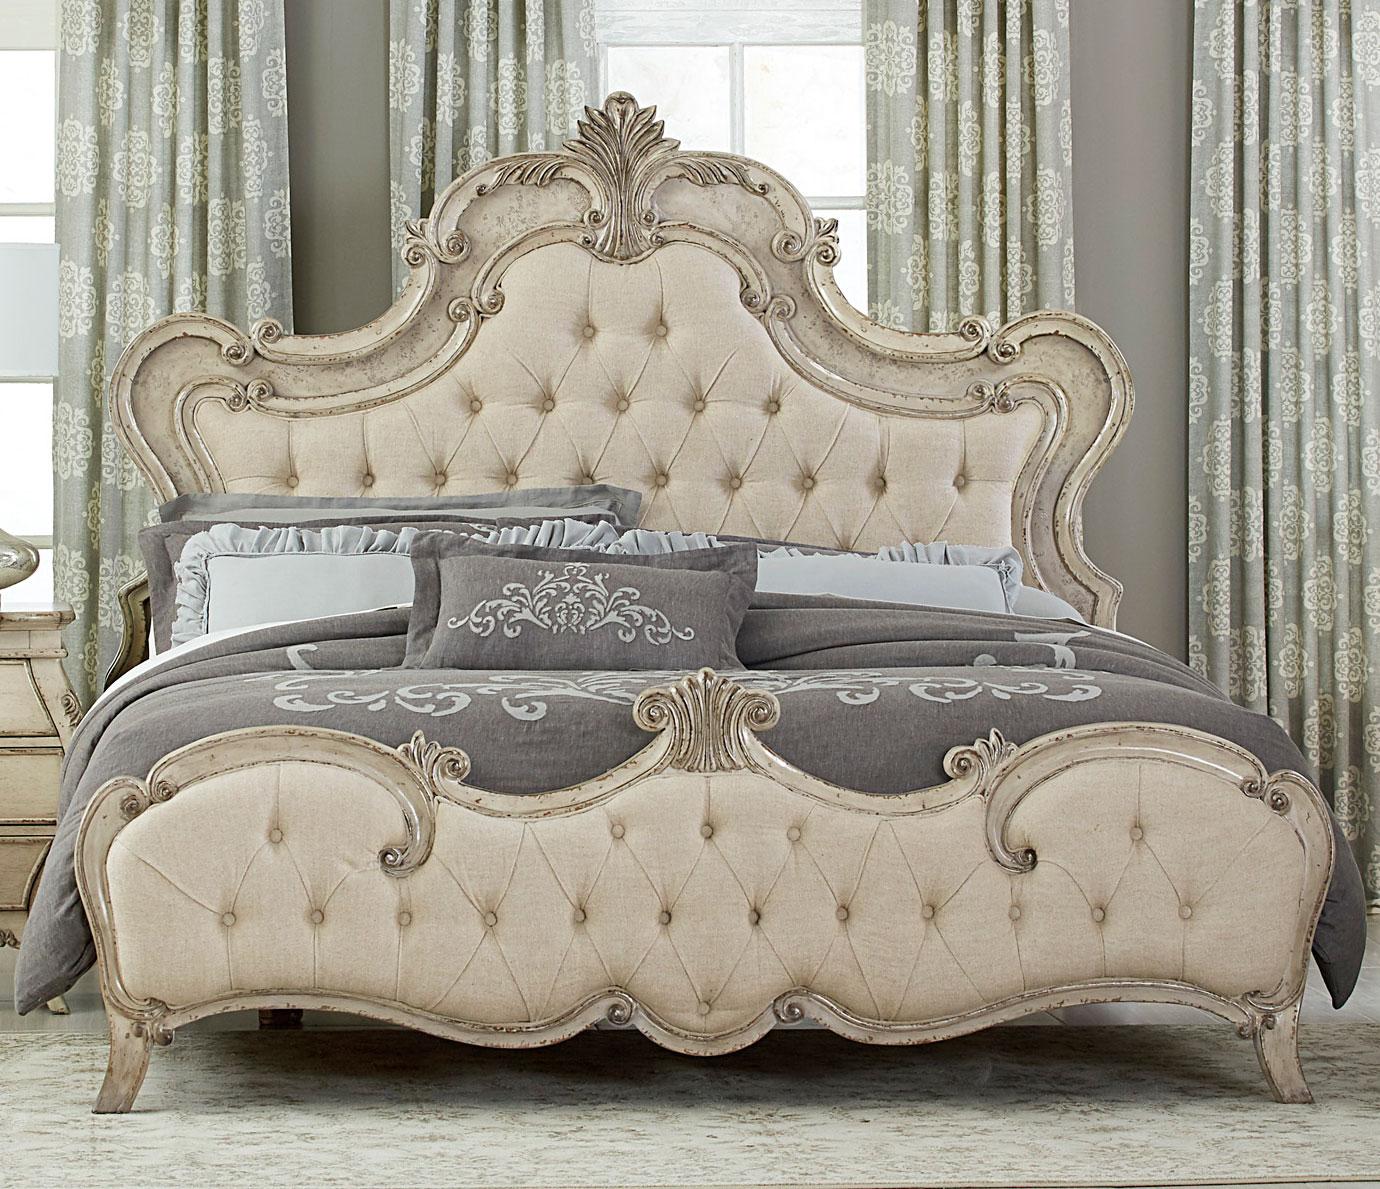 Homelegance Elsmere Button Tufted Upholstered Bed - Antique Gray